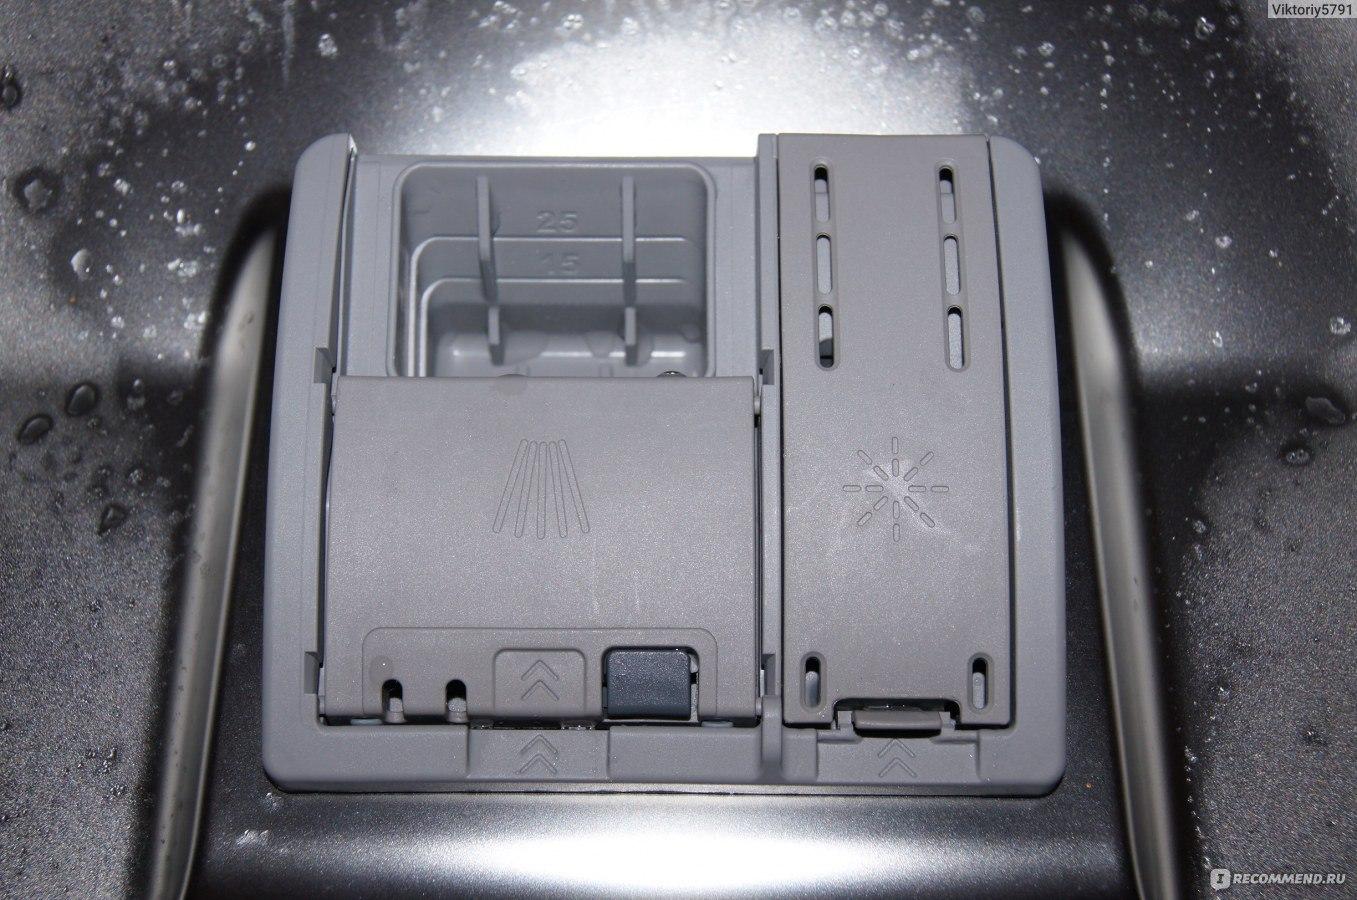 инструкция по пользованию посудомойкой bosch